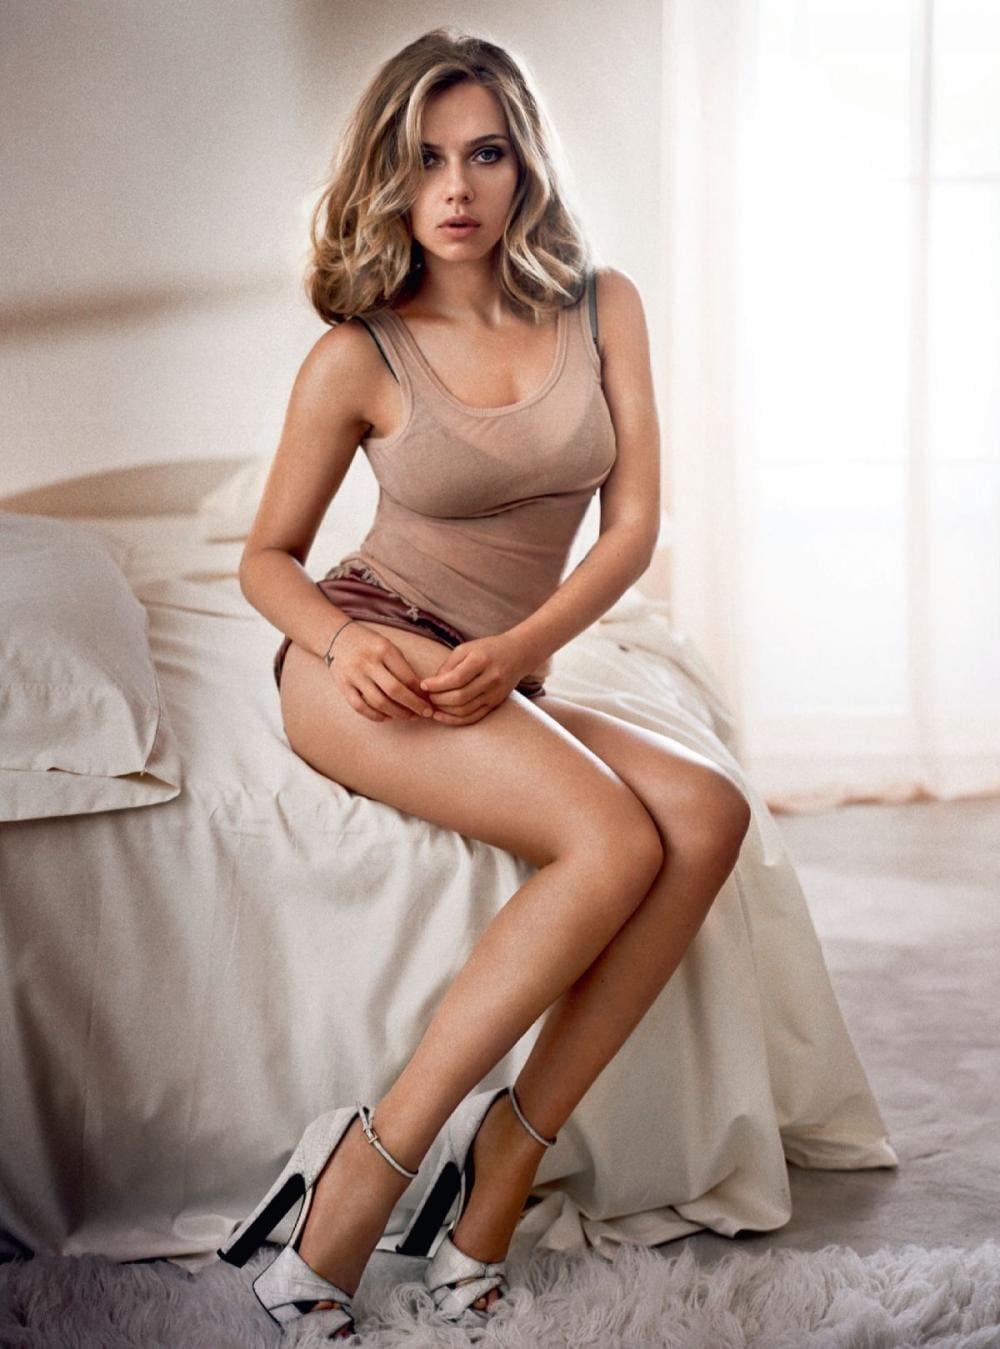 Скарлетт Йоханссон фото сидит на кровати платье задрано,оголила красивые стройные ноги в туфлях на каблуках